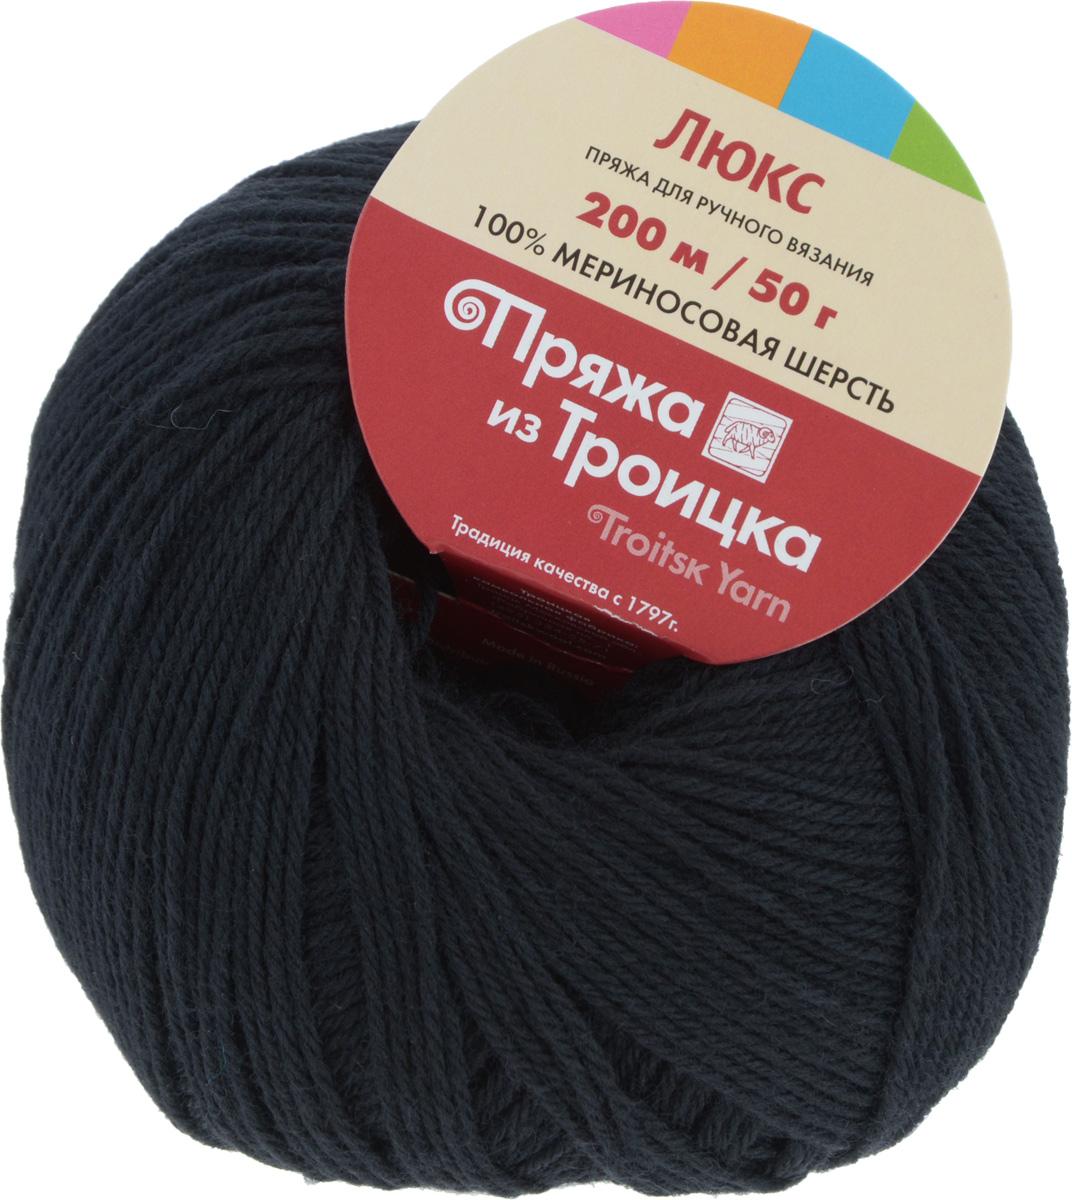 Пряжа для вязания Люкс, цвет: черный (0140), 200 м, 50 г, 10 шт366072_0140Пряжа для вязания Люкс изготовлена из плотно скрученных нитей мериносовой шерсти. Изделия из этой пряжи не линяют и сохраняют после стирки не только цвет, но и форму. Пряжа идеально подходит для вязания шарфов, шапок, варежек, пуловеров, шалей. С такой пряжей процесс вязания превратится в настоящее удовольствие, а готовое изделие подарит уют и комфорт. Состав: мериносовая шерсть 100%. Рекомендуемые спицы: 2,25 мм.